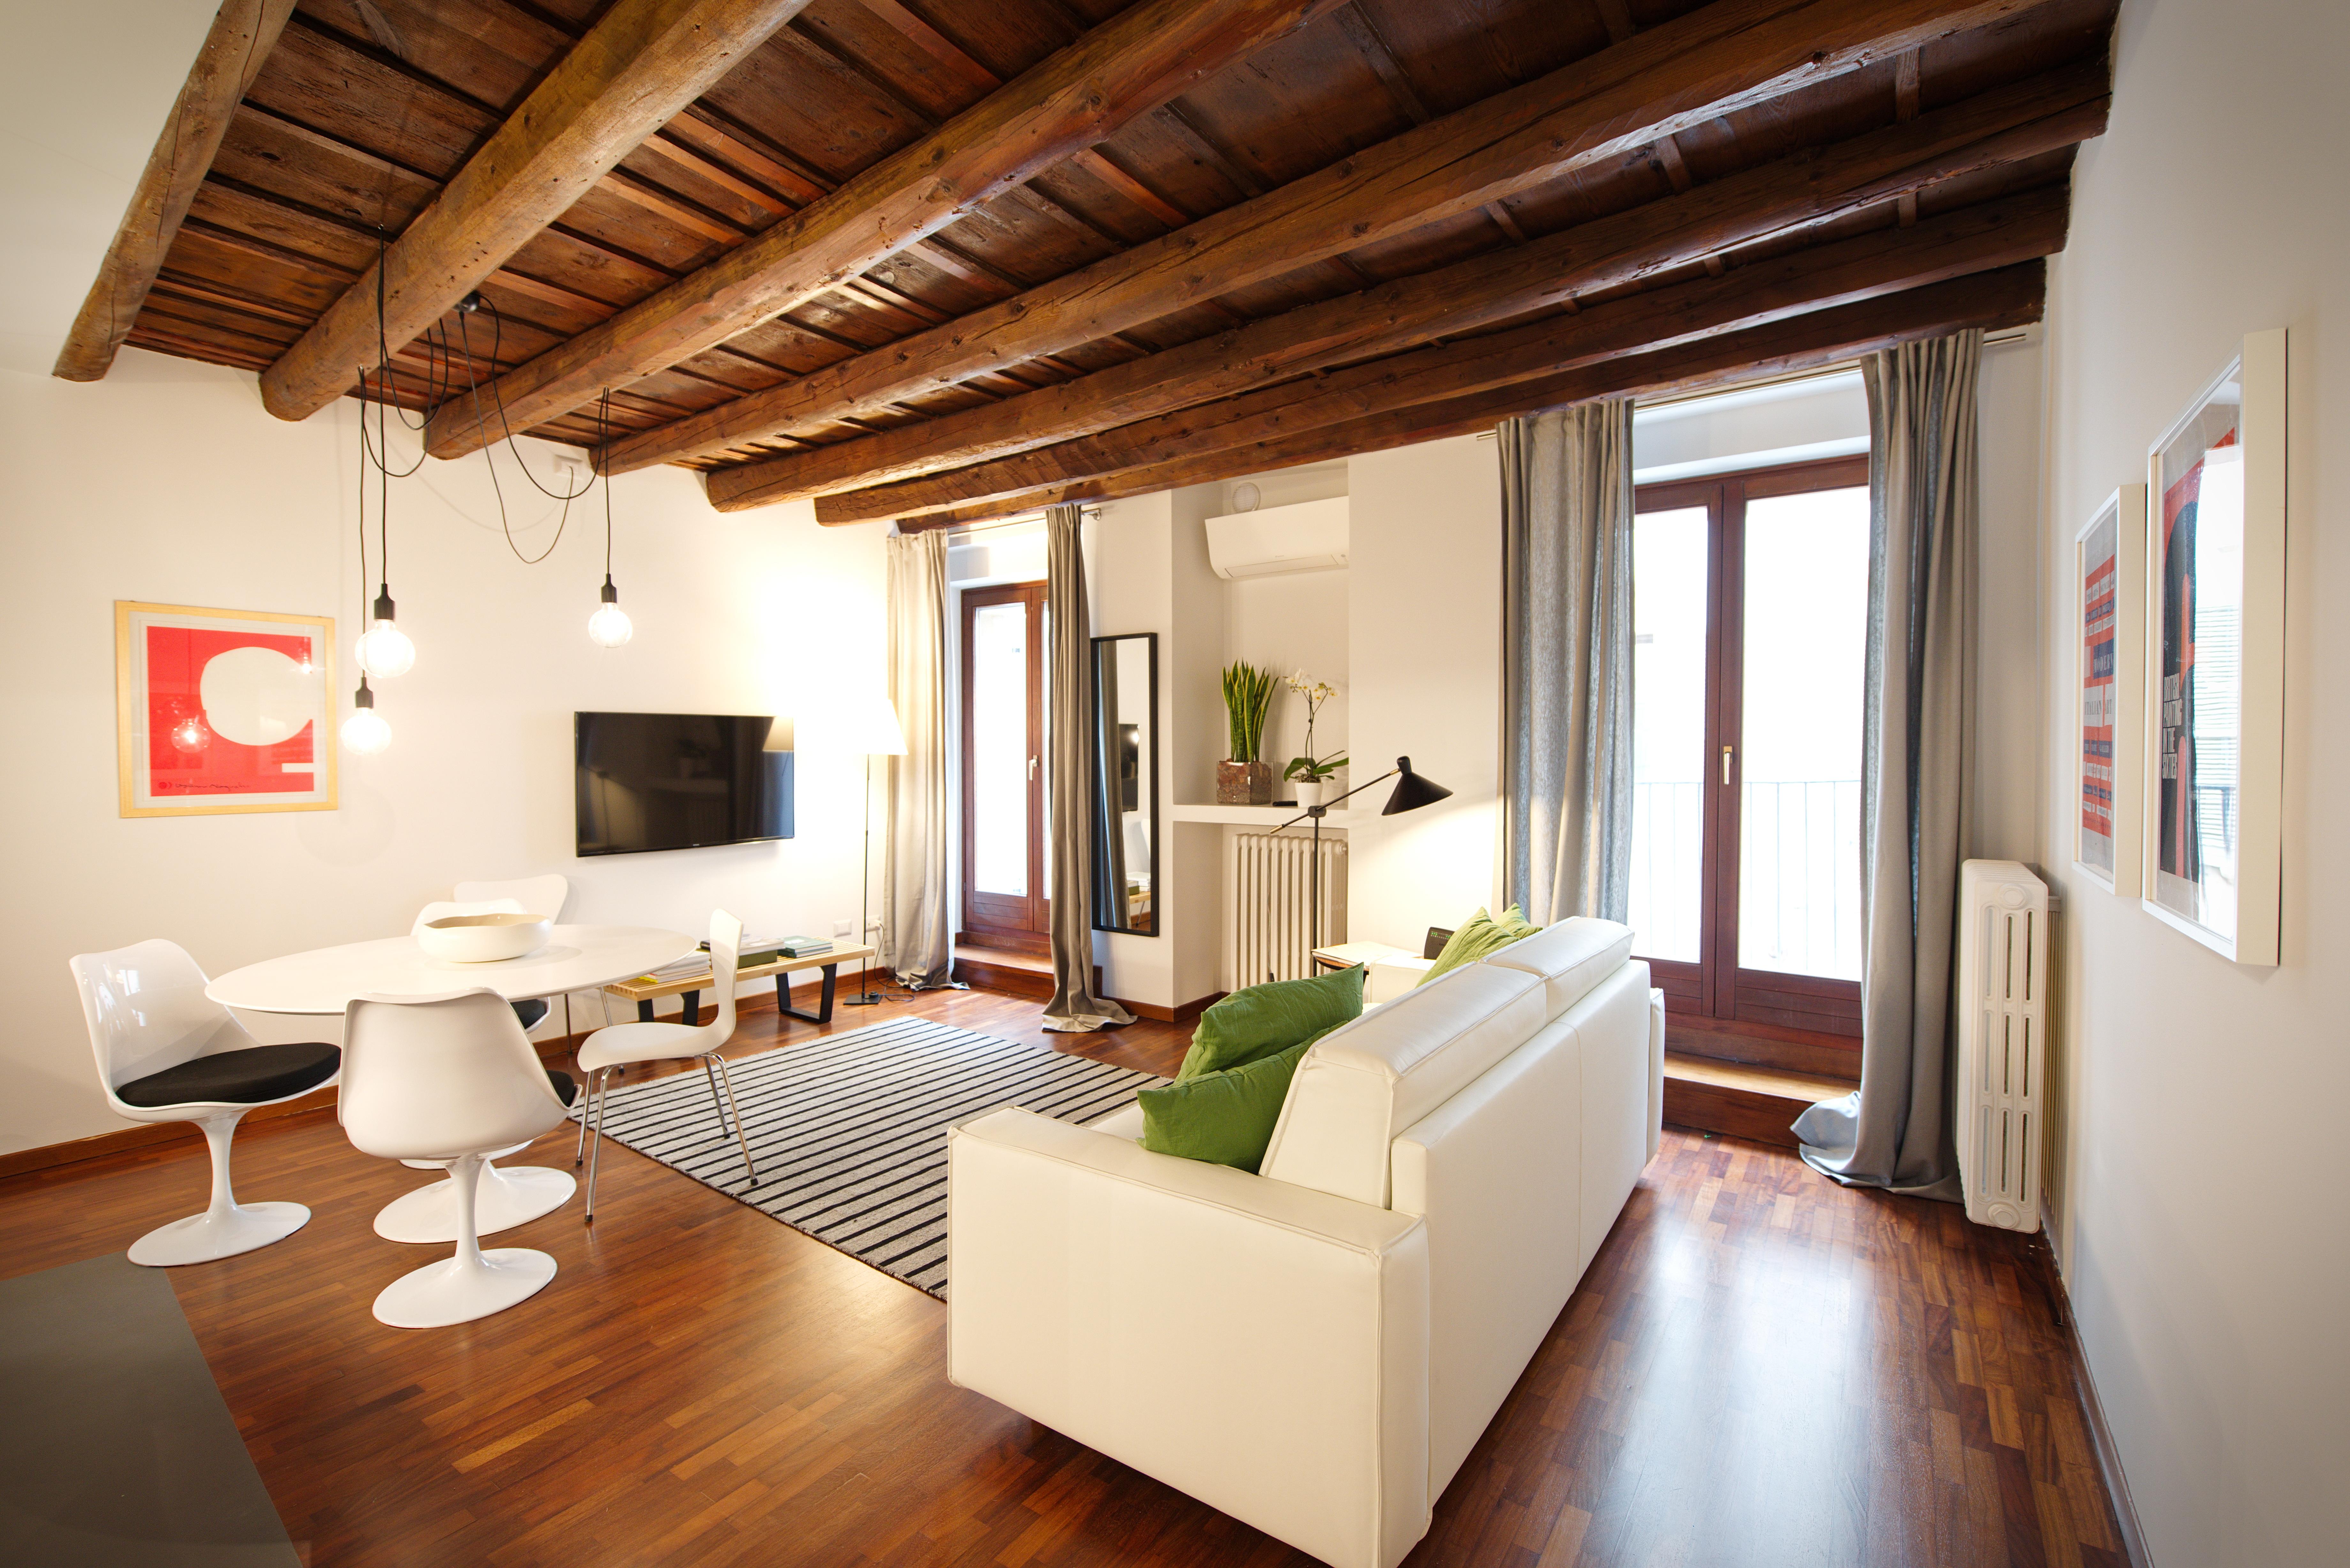 Case Arredate Con Gusto santa cecilia appartamento di lusso a verona - apartments